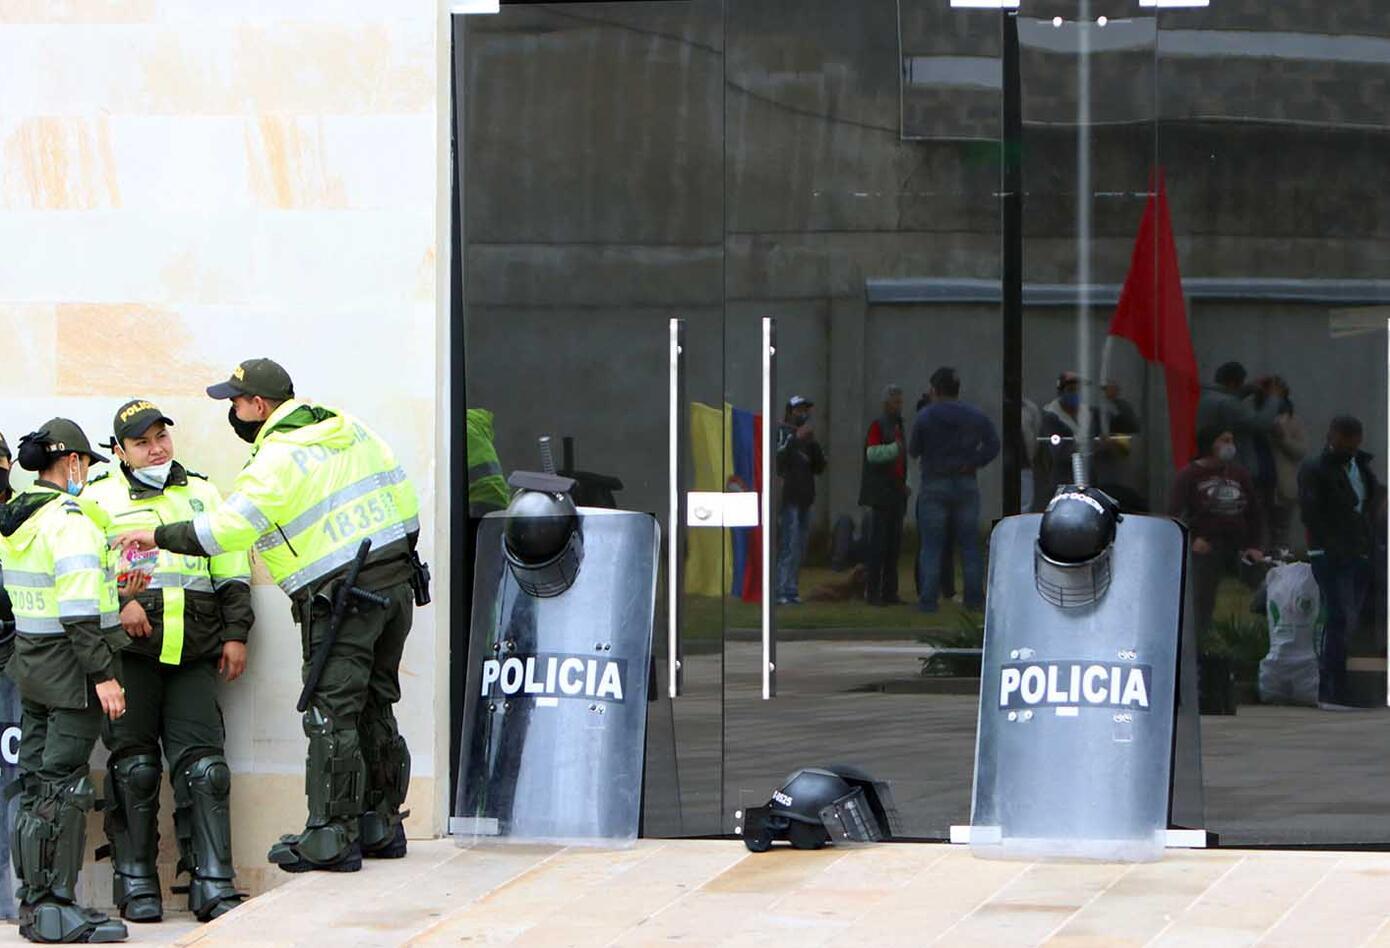 Protestas en la cuarentena / reclamos en alcaldía de Ciudad Bolívar